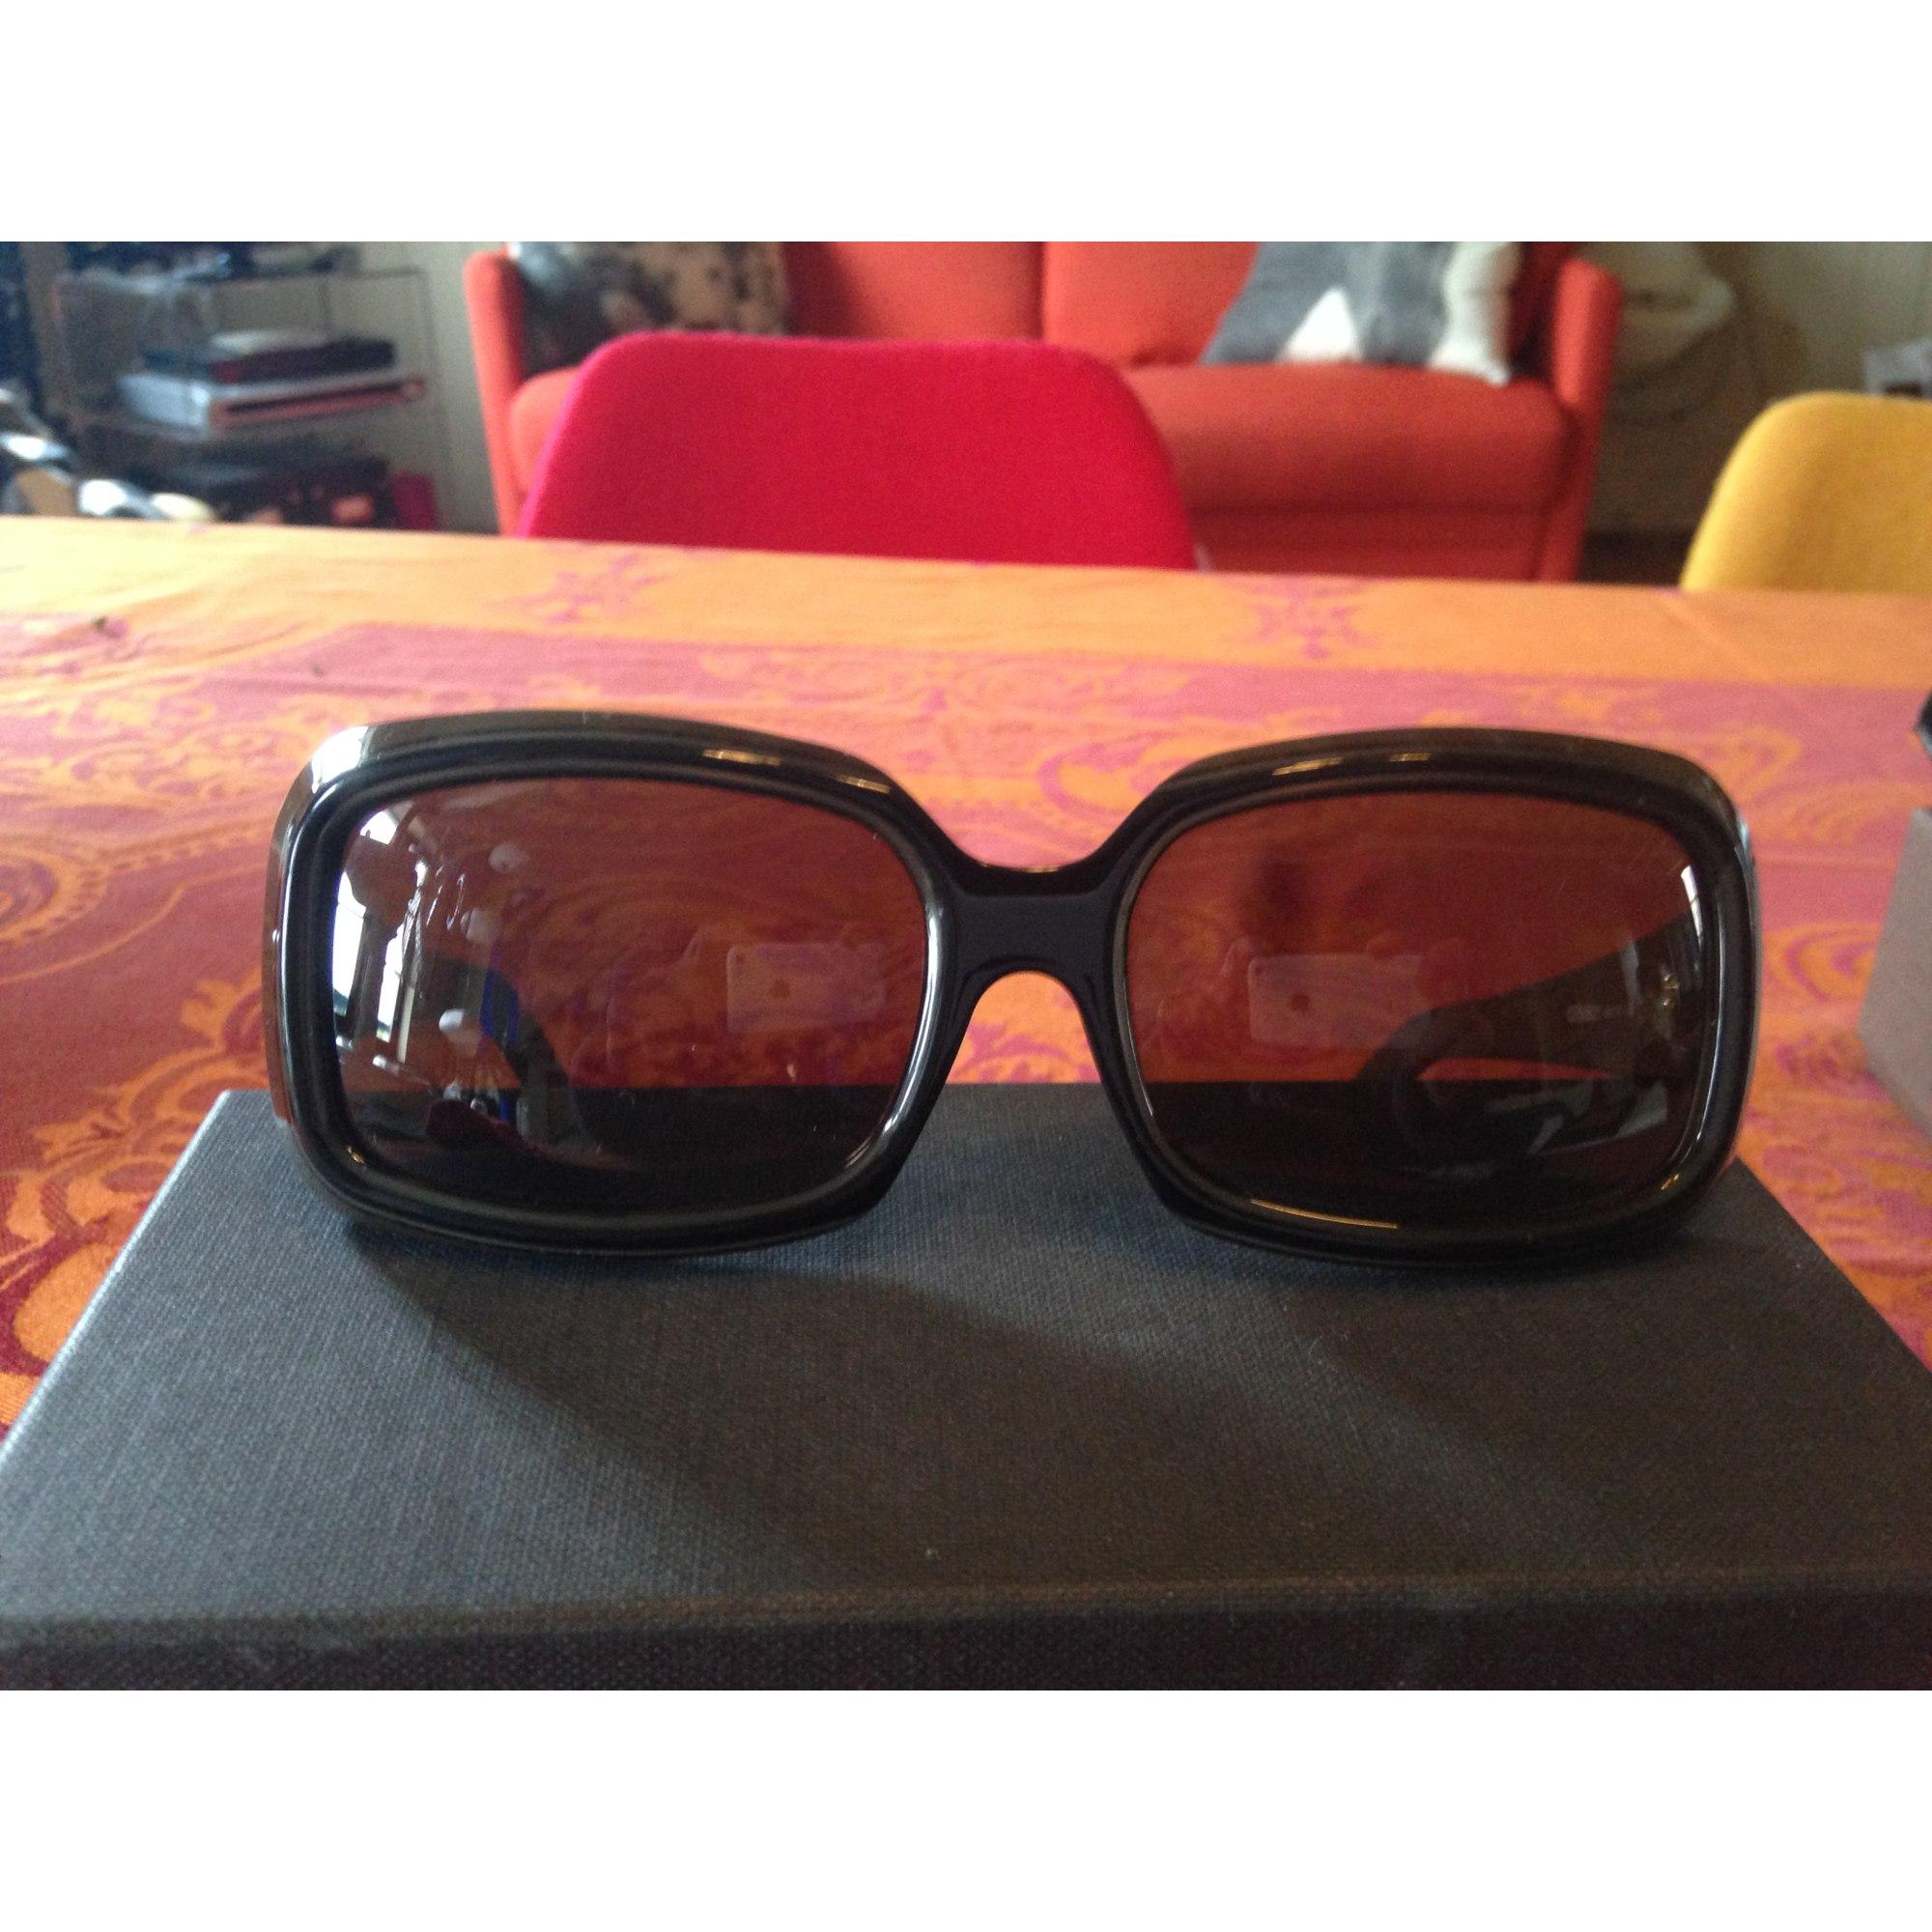 b7191c84af6f4b Lunettes de soleil CERRUTI 1881 kaki vendu par Deliaz263491 - 3823057